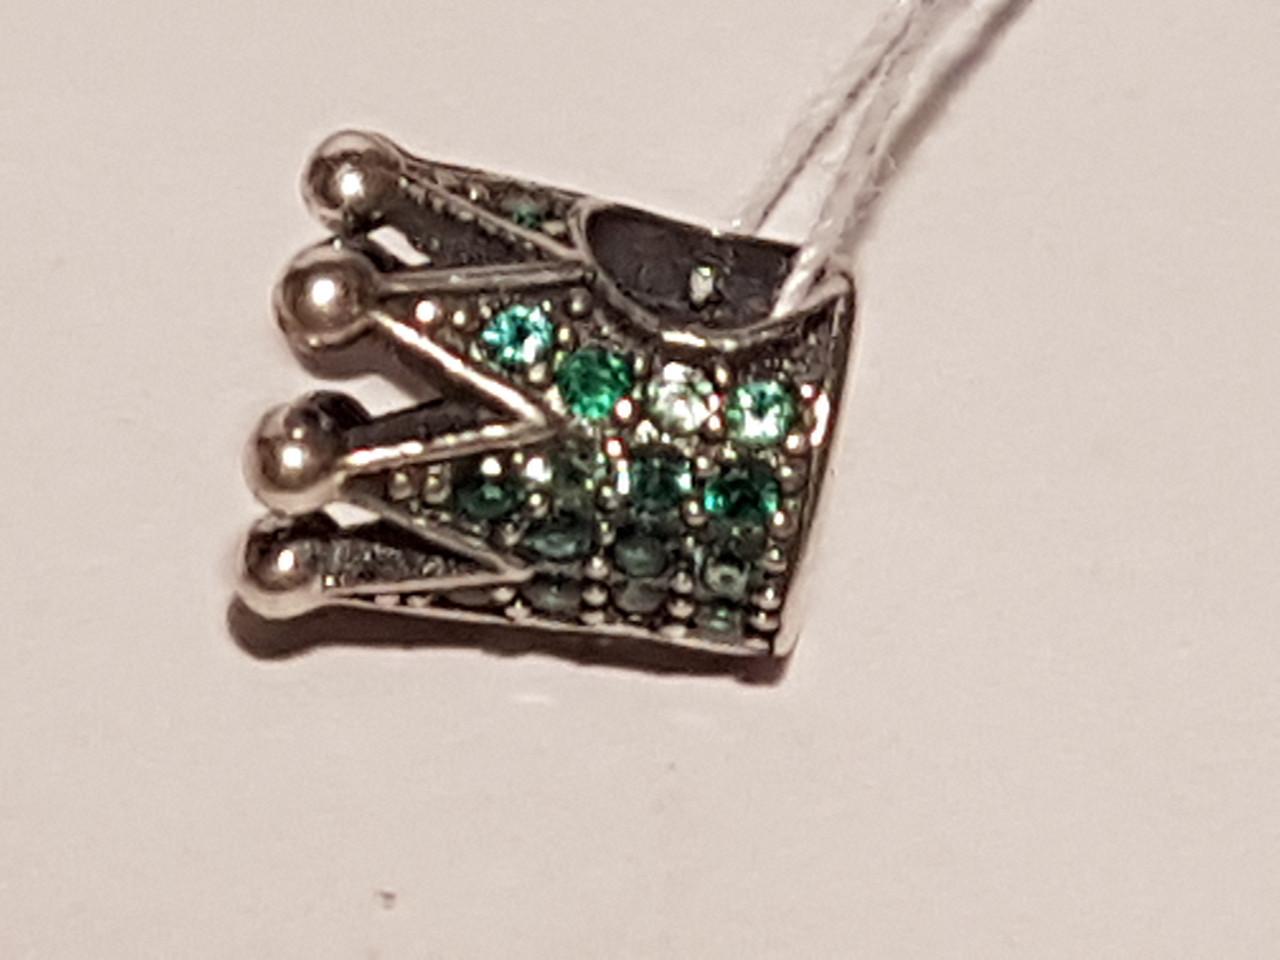 Серебряная подвеска-шарм Корона с фианитами. Артикул П5ФИ/726